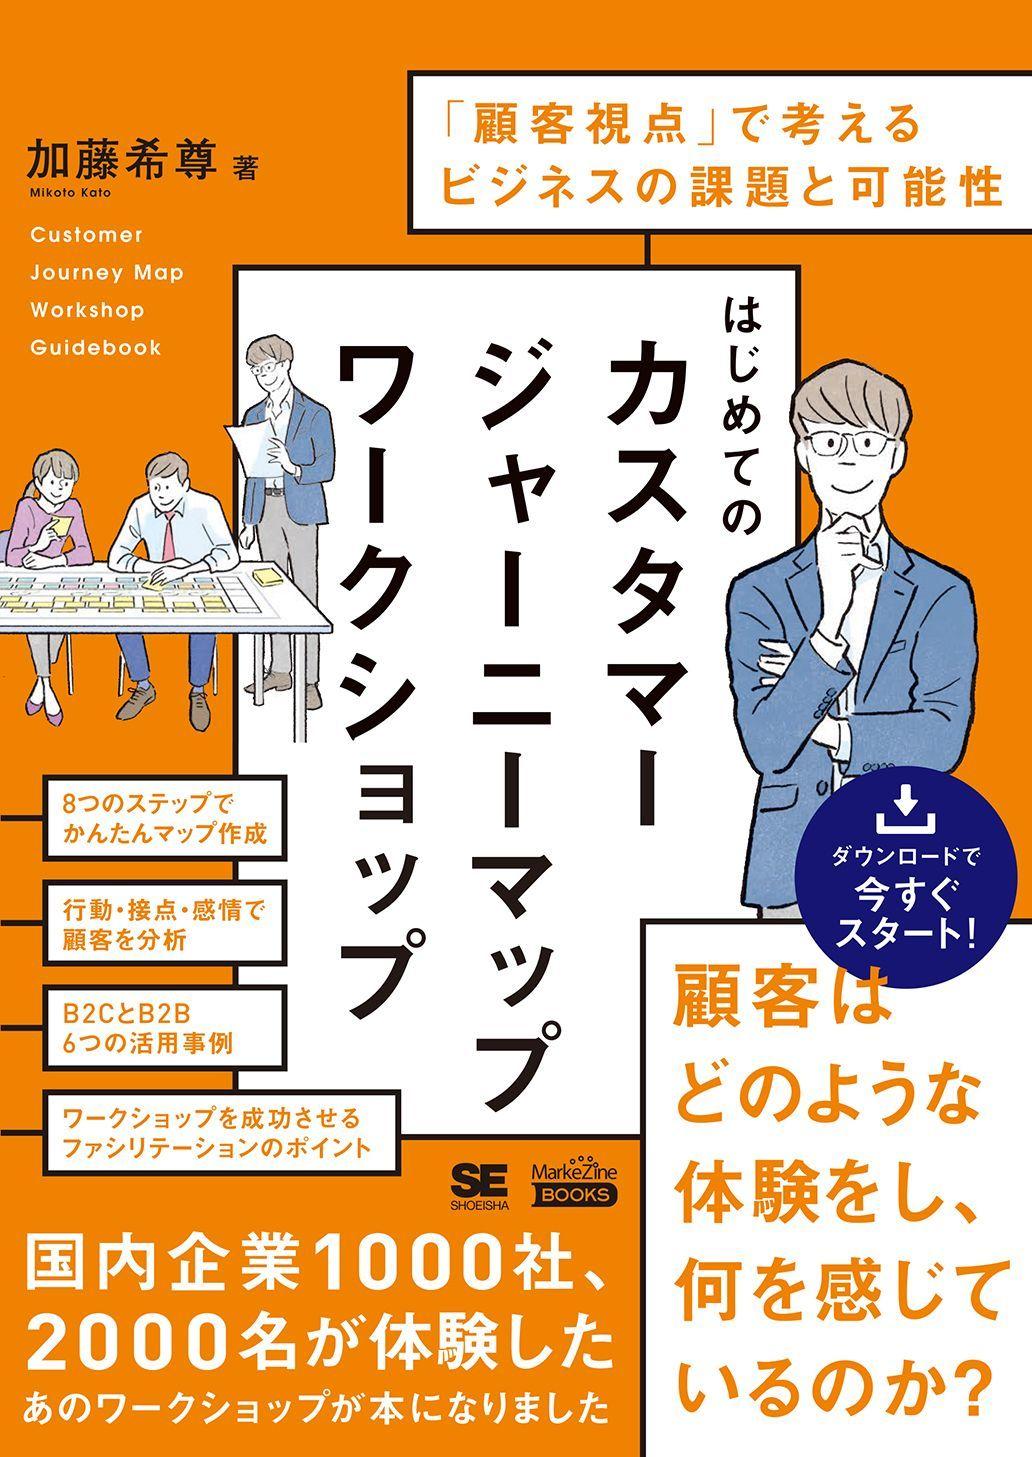 はじめてのカスタマージャーニーマップワークショップ(MarkeZine BOOKS) 「顧客視点」で考えるビジネスの課題と可能性(翔泳社)